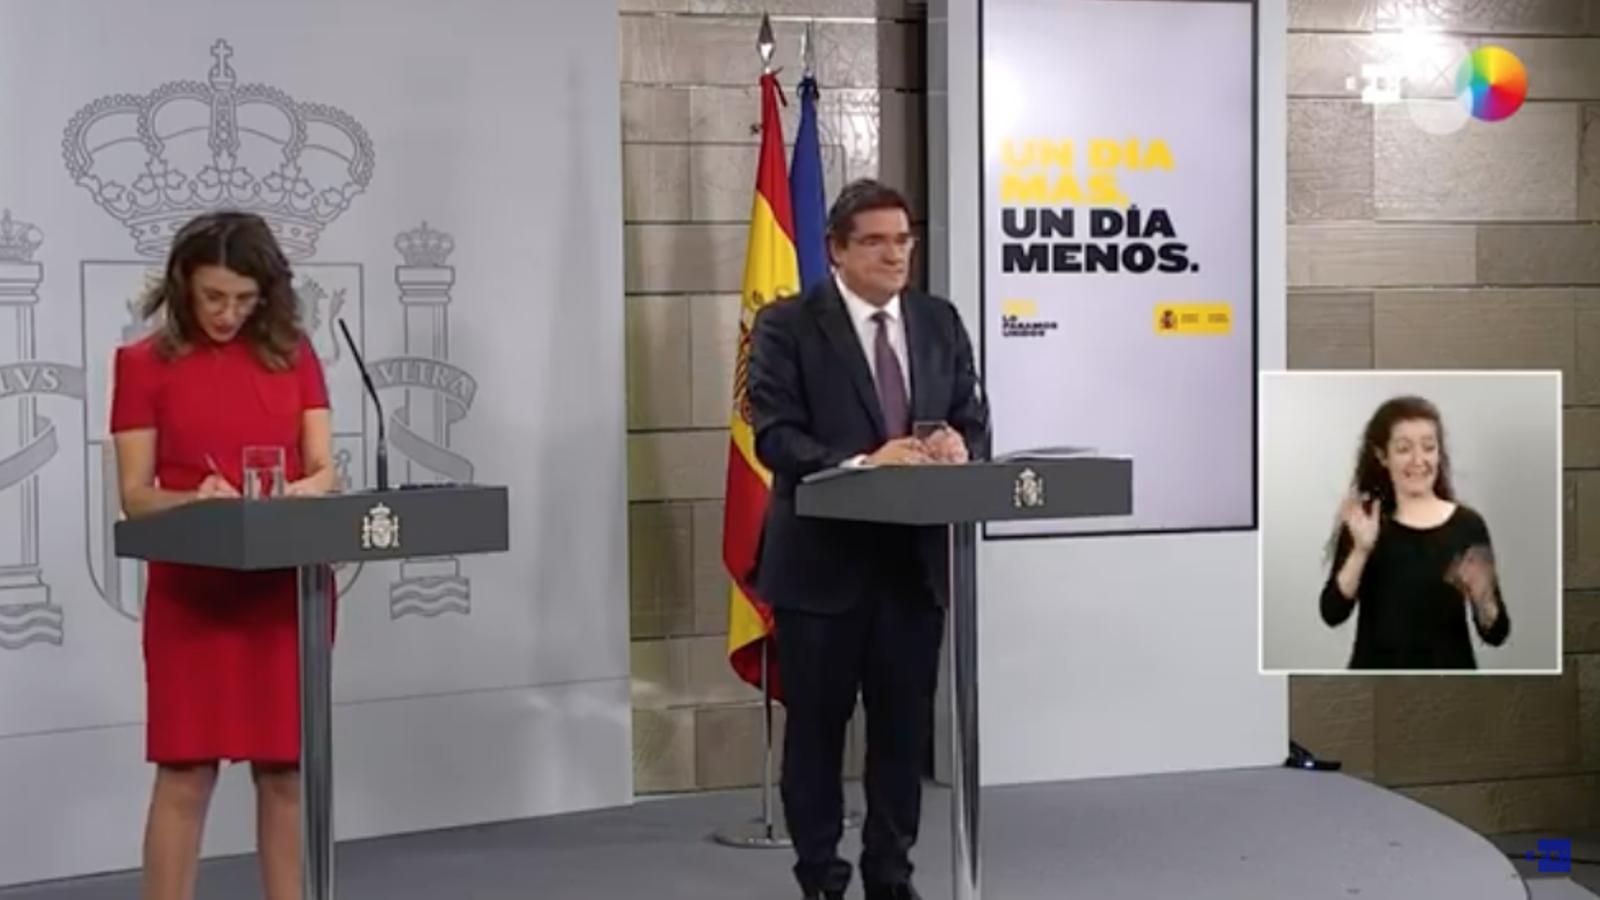 Roda de premsa dels ministres de Treball, Yolanda Díaz, i de Seguretat Social, José Luis Escrivá